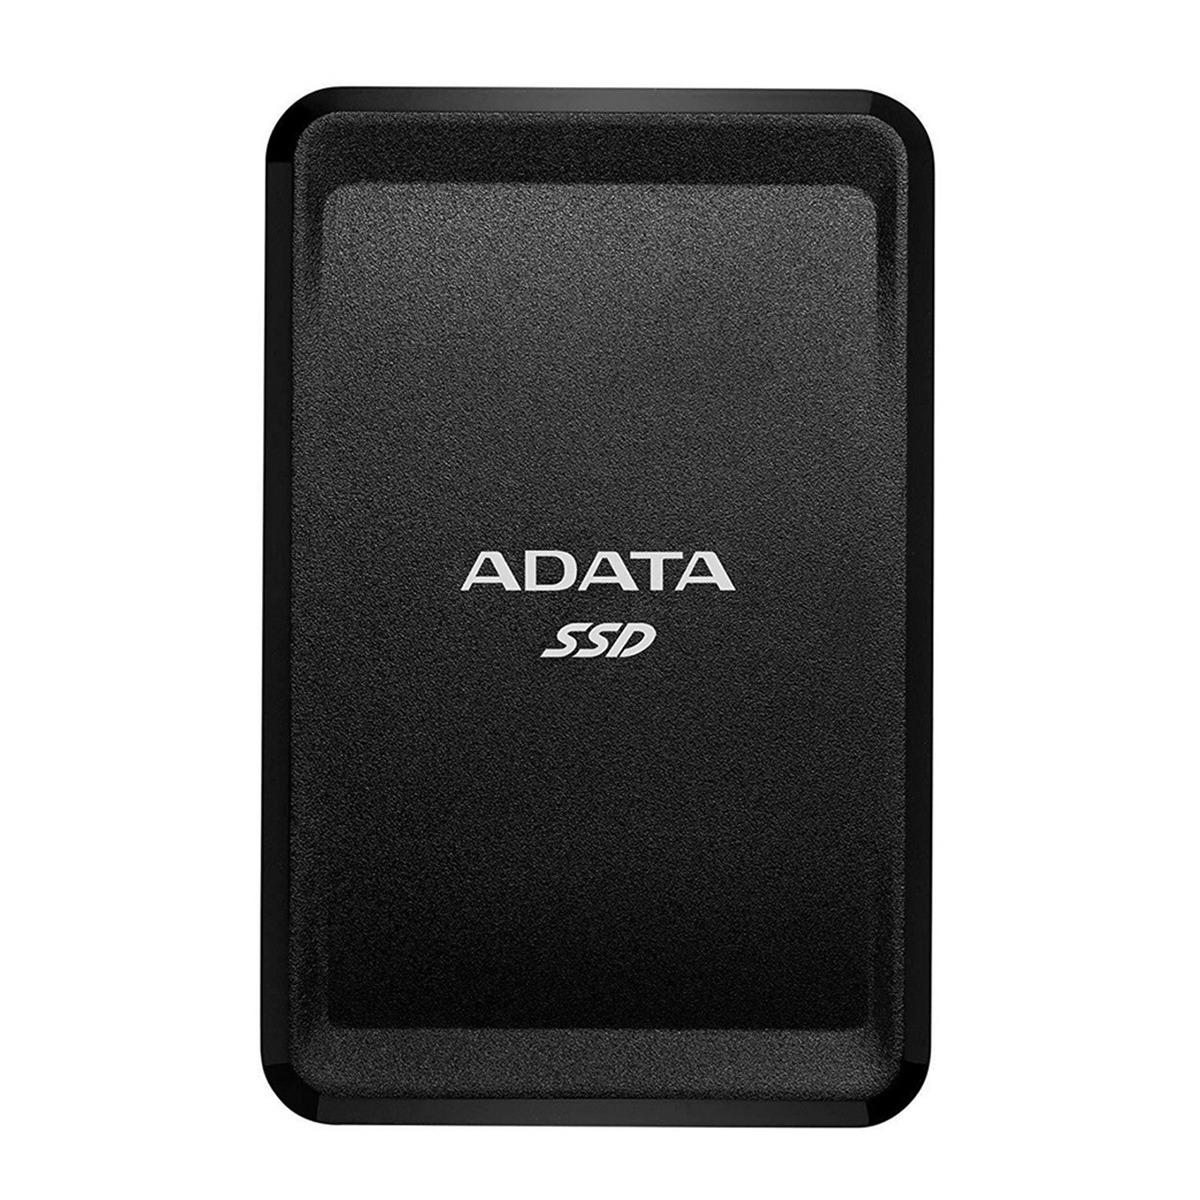 Adata 250gb Sc685 - Up To 530 Mb/s - 3d Nand Usb 3.2 Gen 2 Type-c Compact Portable External Ssd Black